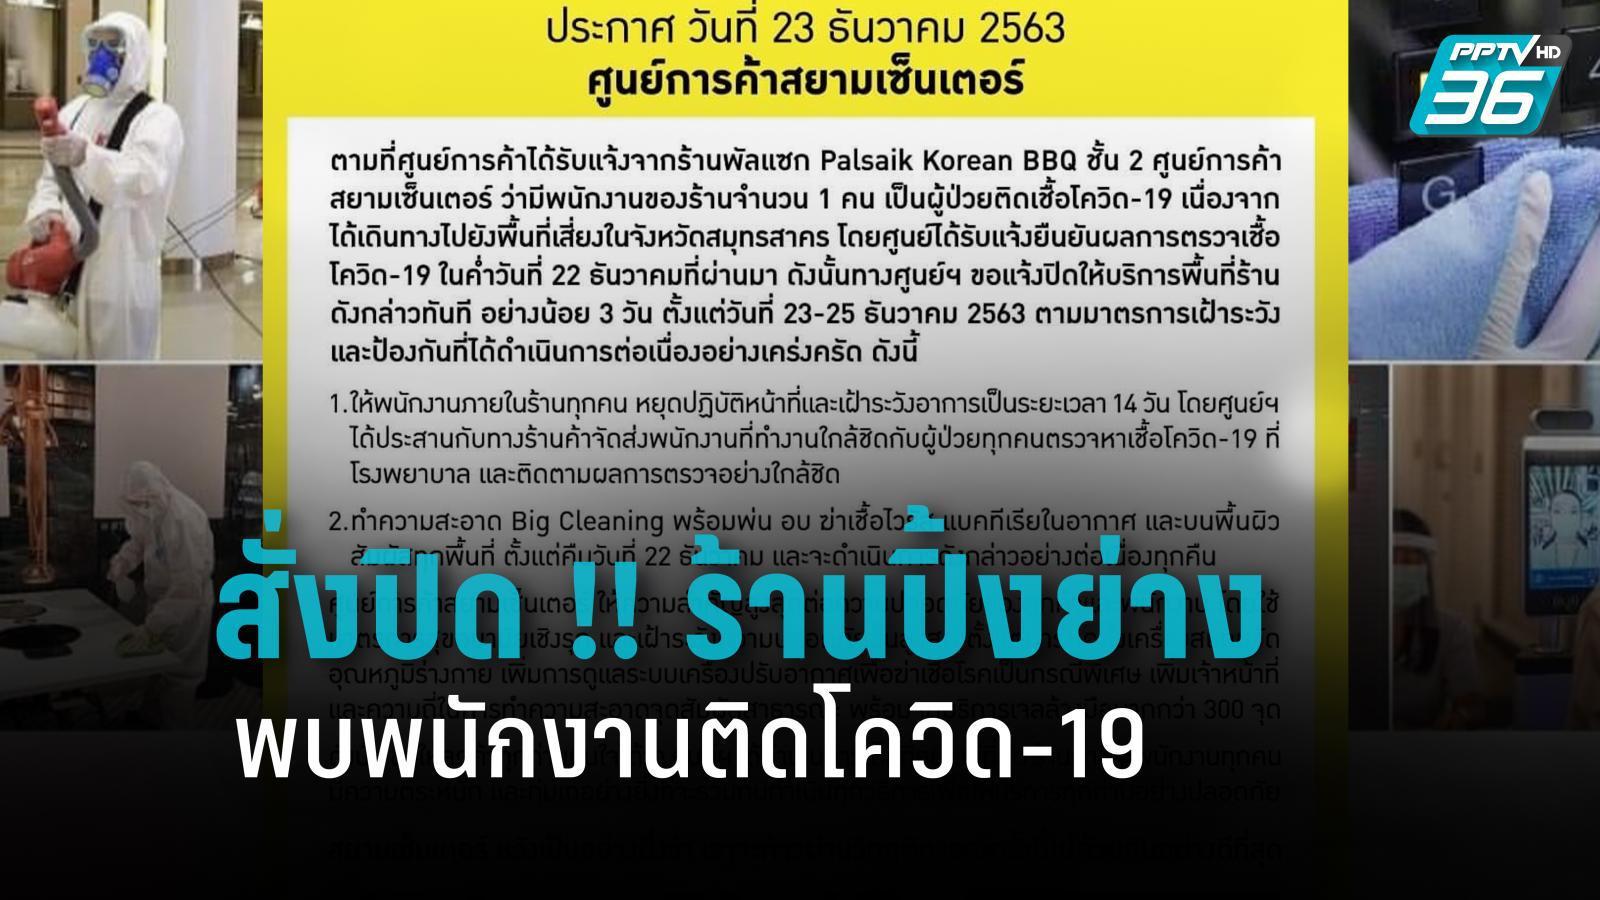 สยามเซ็นเตอร์ สั่งปิด ร้านปิ้งย่างเกาหลี ชั้น 2  หลังพบพนักงานติดโควิด-19